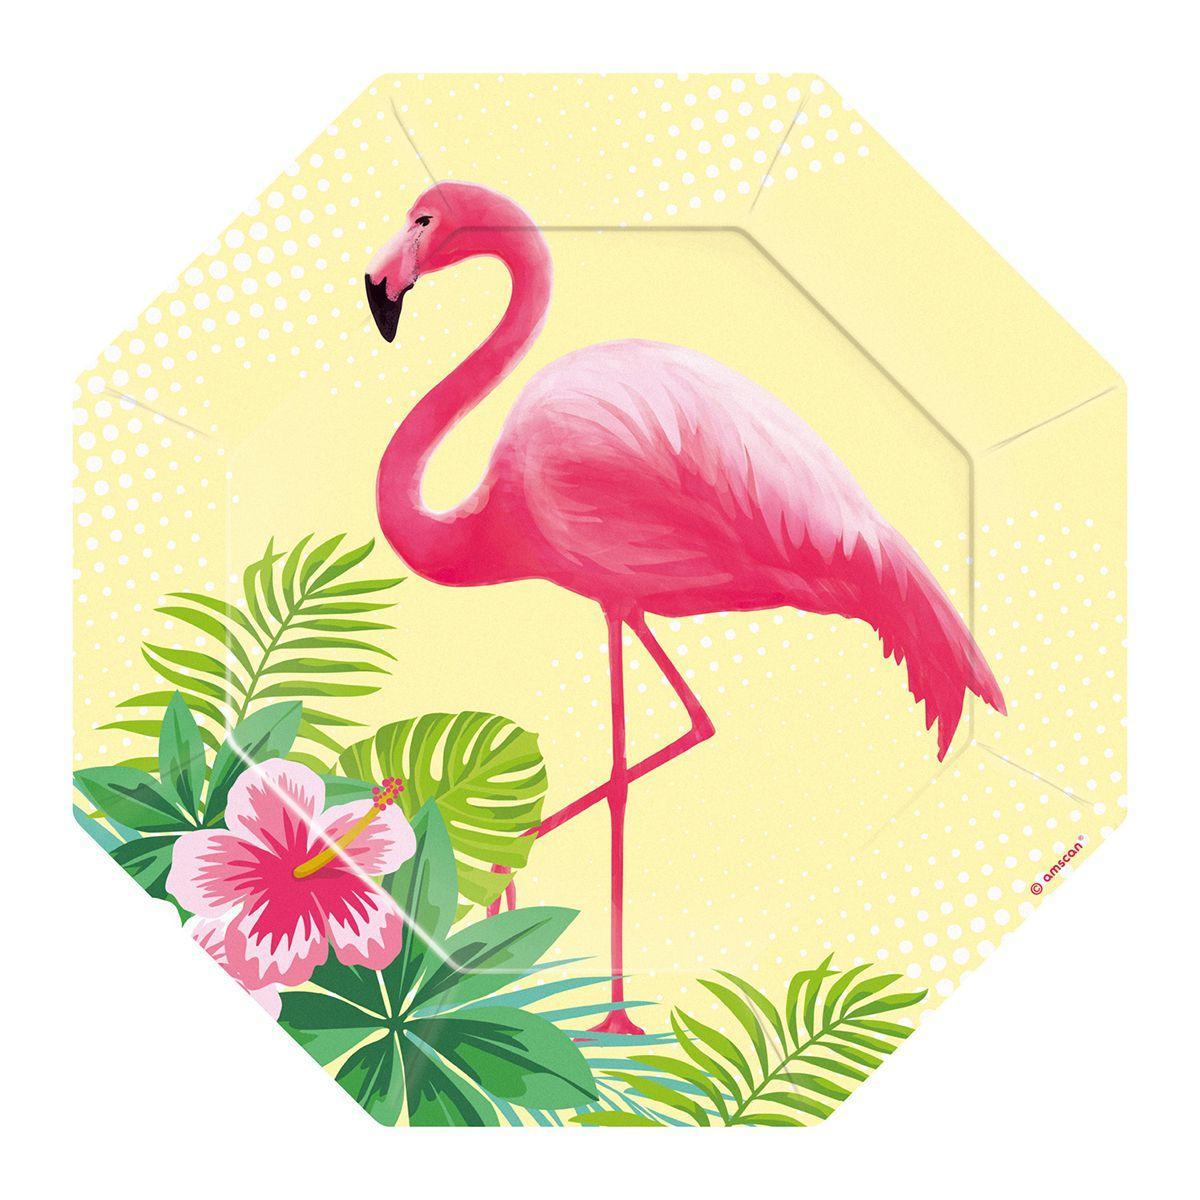 """Тарілки паперові стиль """"Фламінго"""", 8 шт, 18 см, Набор тарелок """"Фламинго"""""""